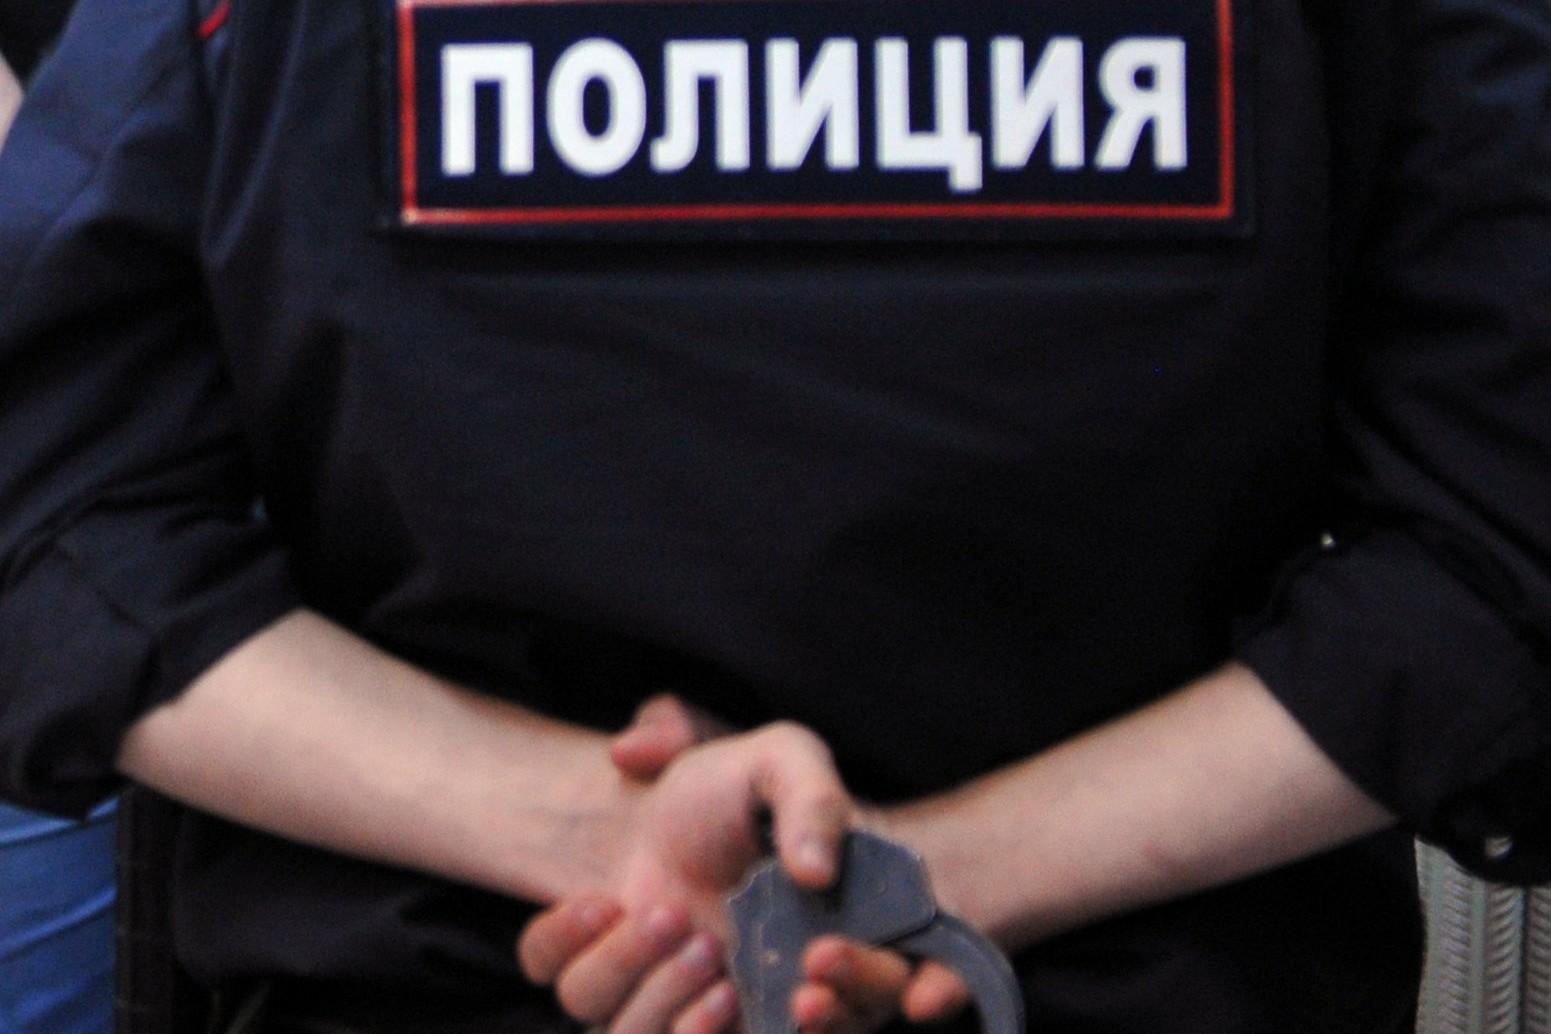 Житель Татарстана пытался похитить 2-летнюю дочь бизнесмена ради вымогательства